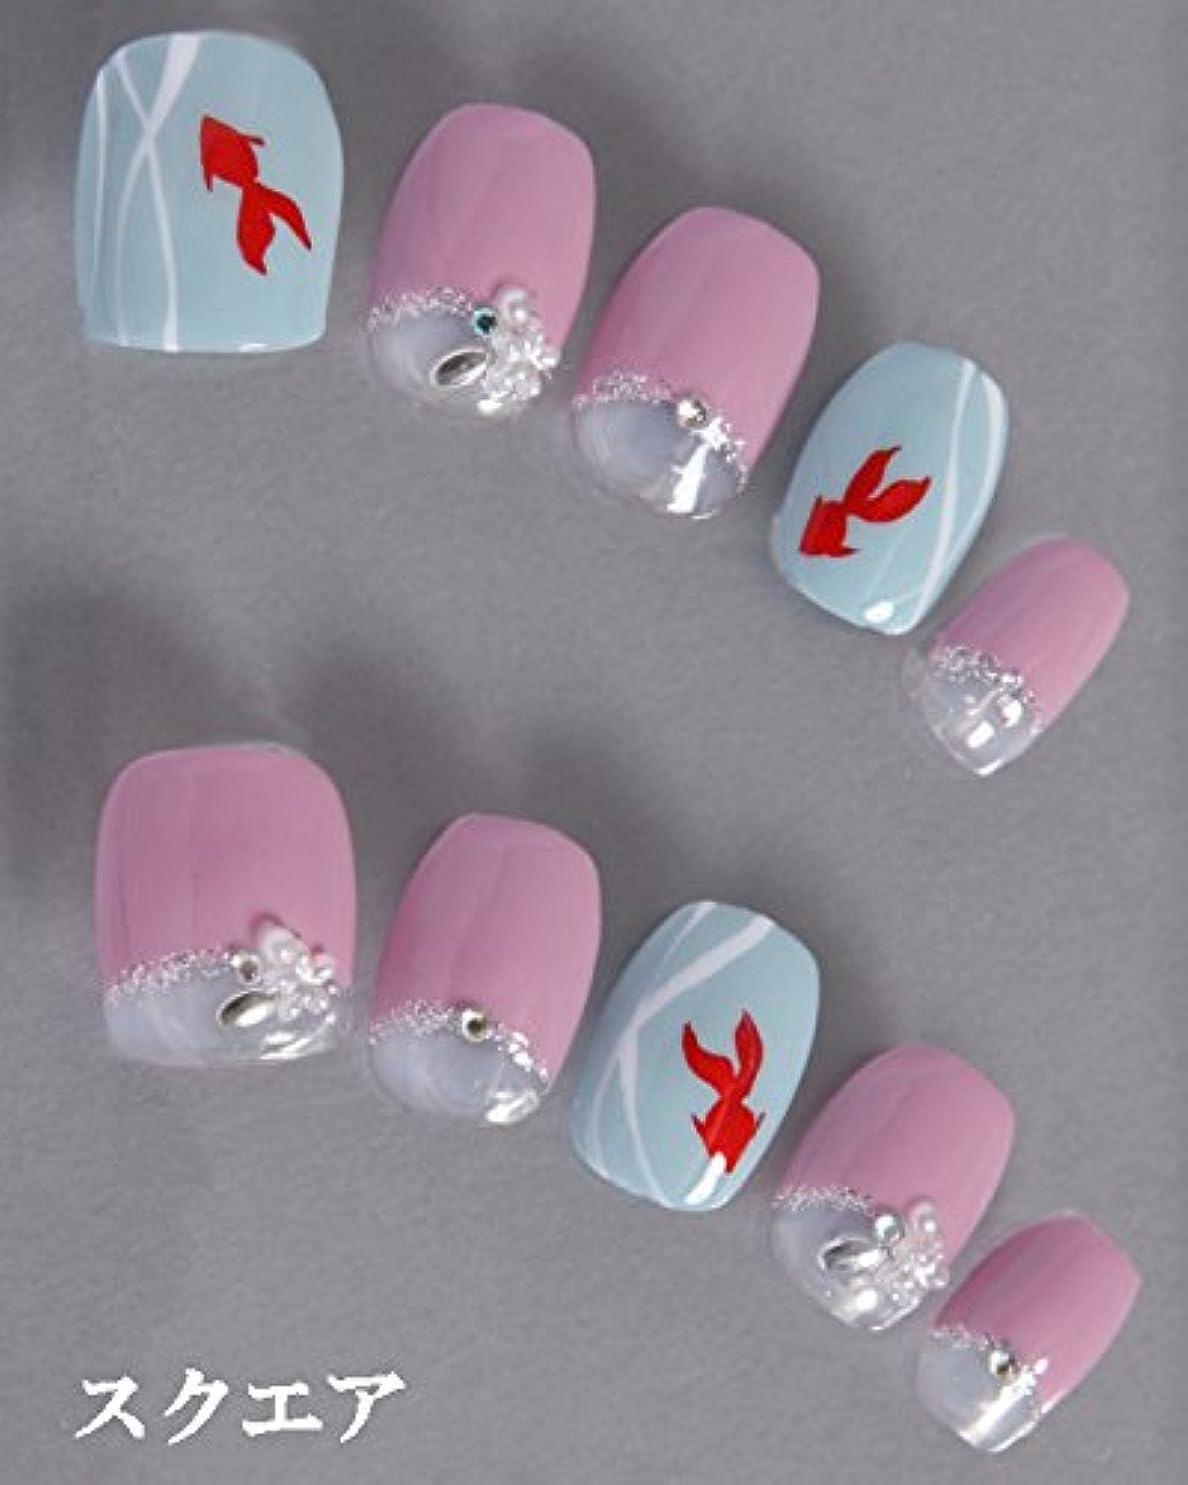 ダイヤモンド些細な気楽なゆずネイル ネイルチップ 濃ピンク 薄ブルー フレンチ 動物 花 夏 浴衣(B01023-Q-C)